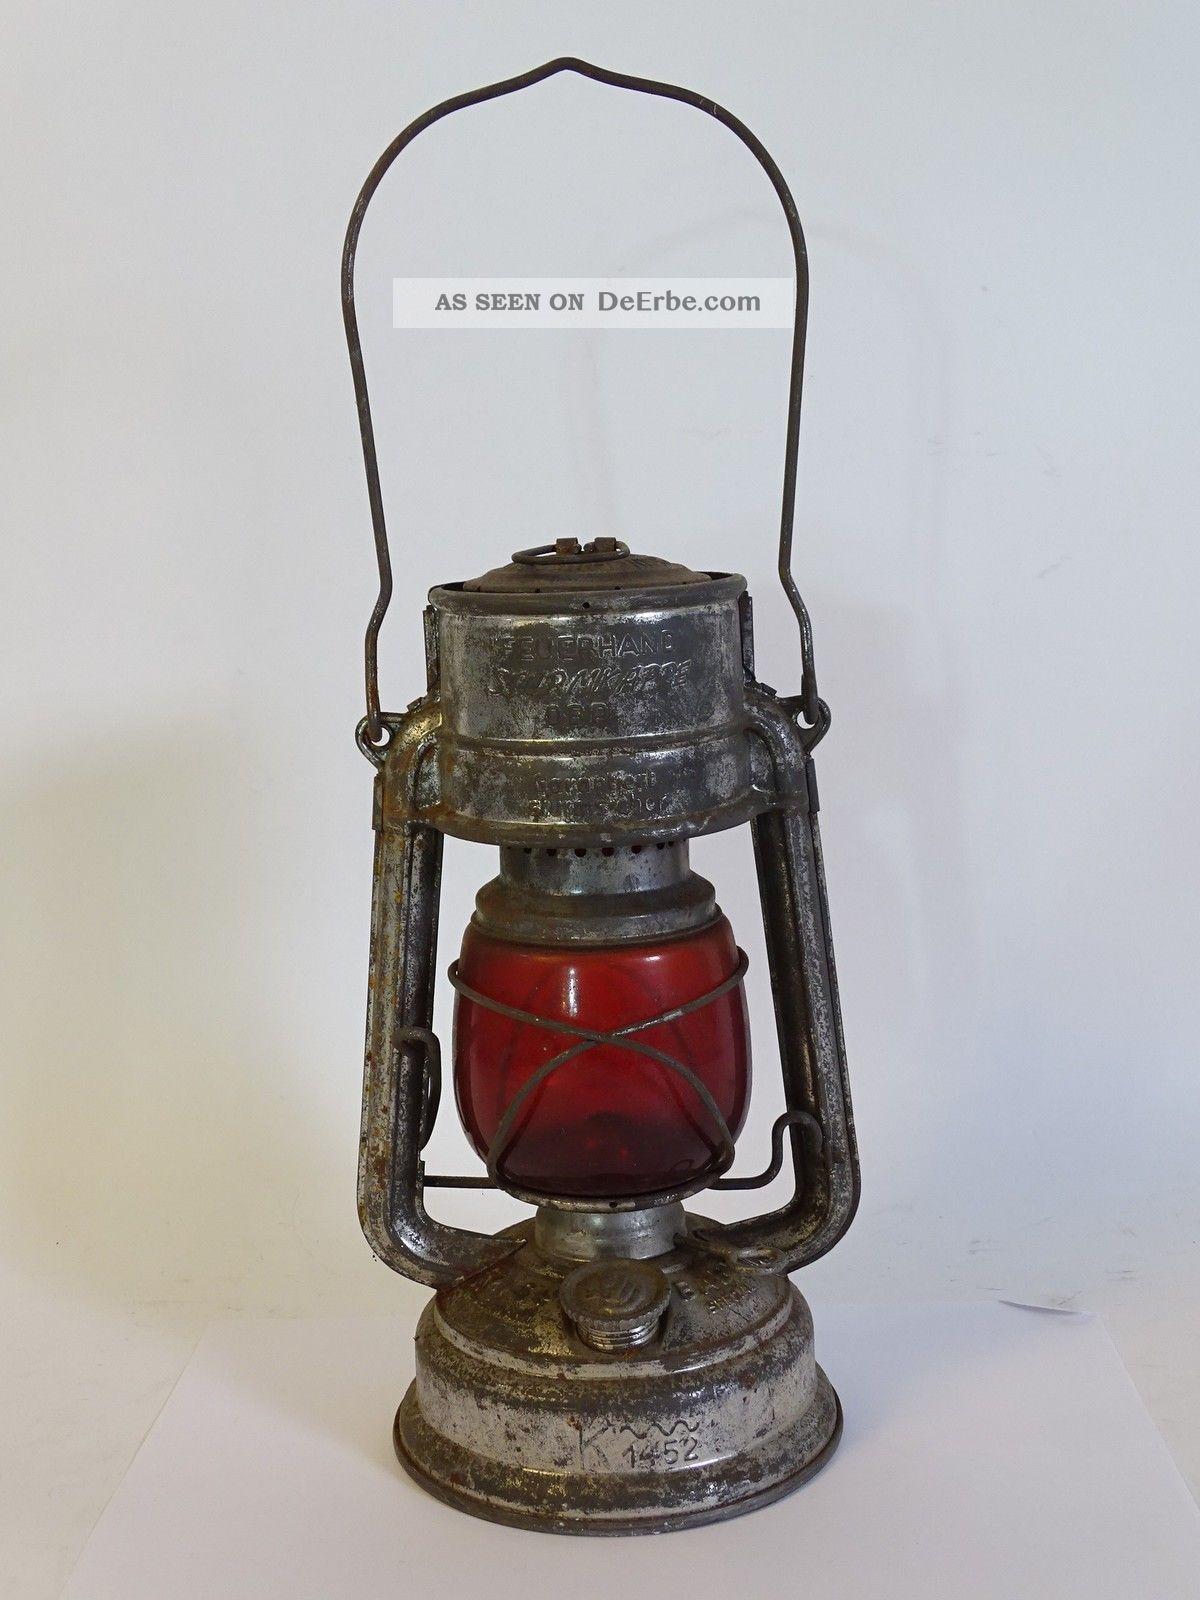 Antike Feuerhand Sturmkappe Petroleum Lampe Dbp Garantiert Sturmsicher Antike Originale vor 1945 Bild